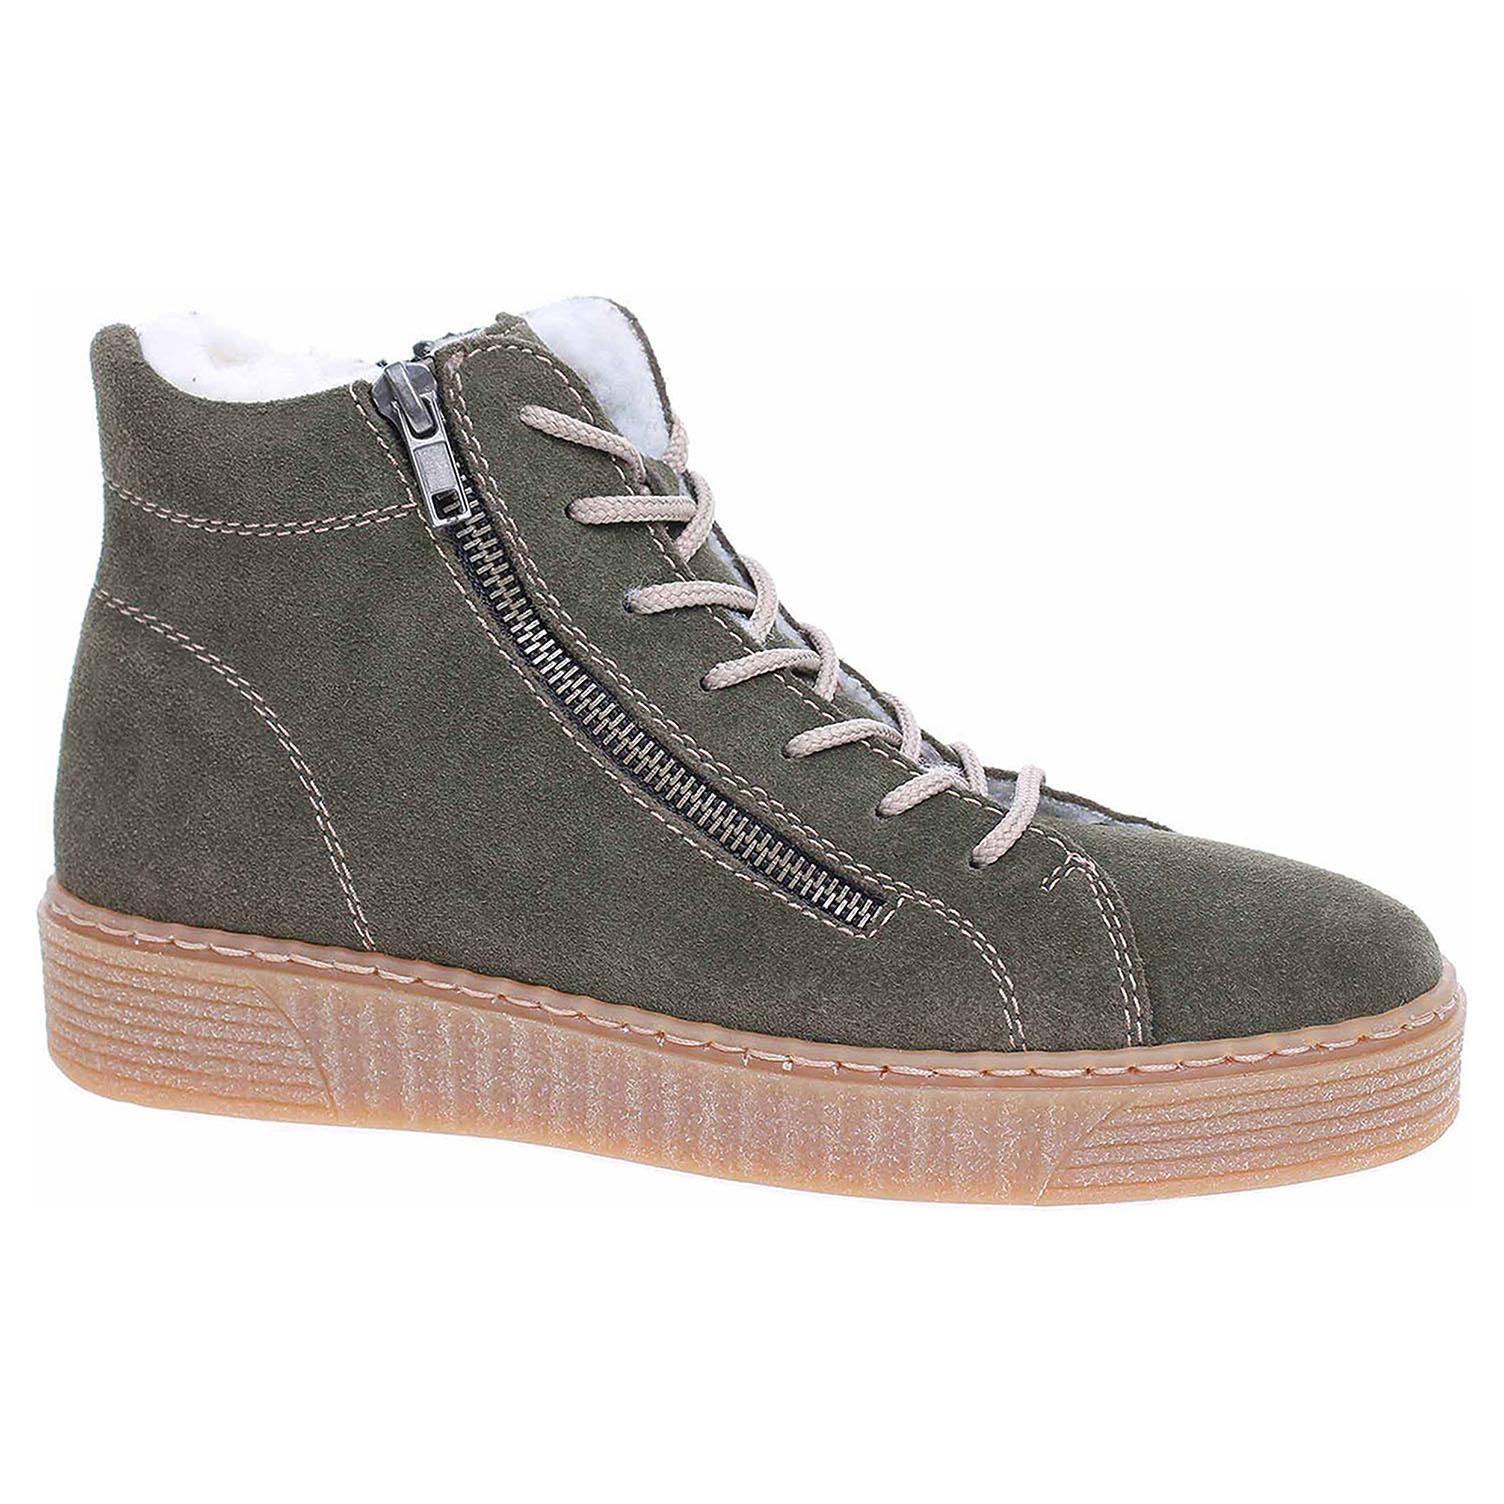 Dámská kotníková obuv Rieker 71611-54 grun 71611-54 39